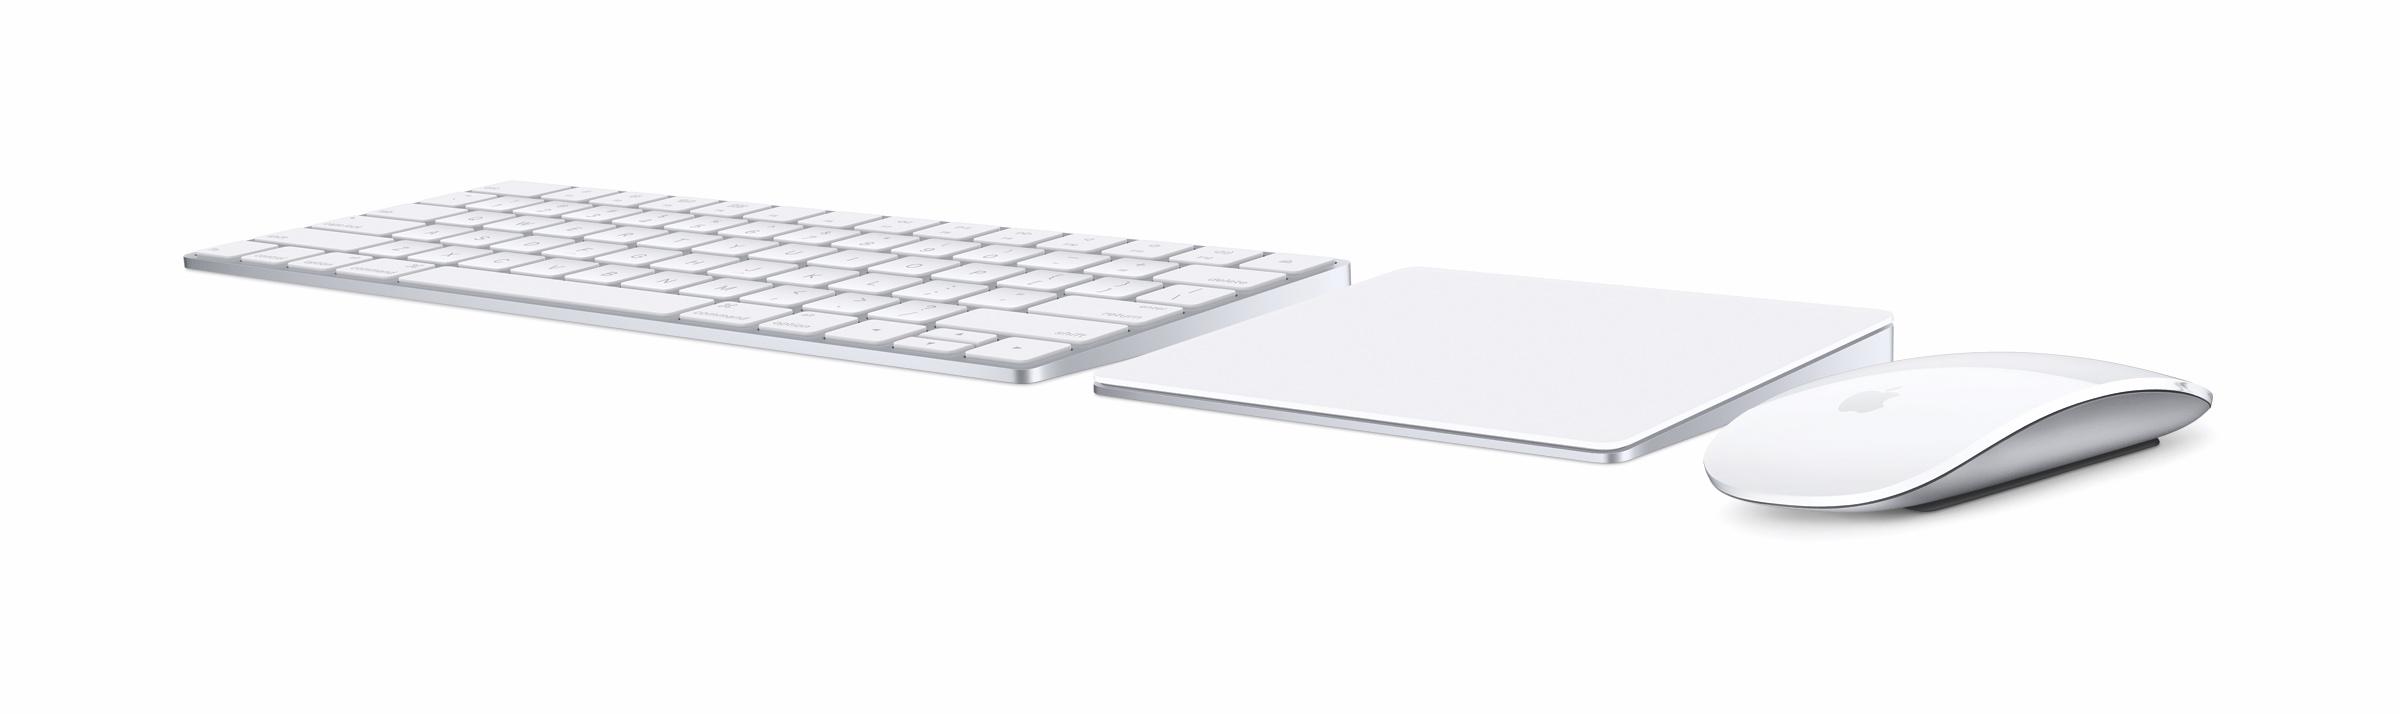 För en tid sedan släppte Apple tre ny-gamla tillbehör. Ett uppdaterat  trådlöst tangentbord de8e6a38785a2